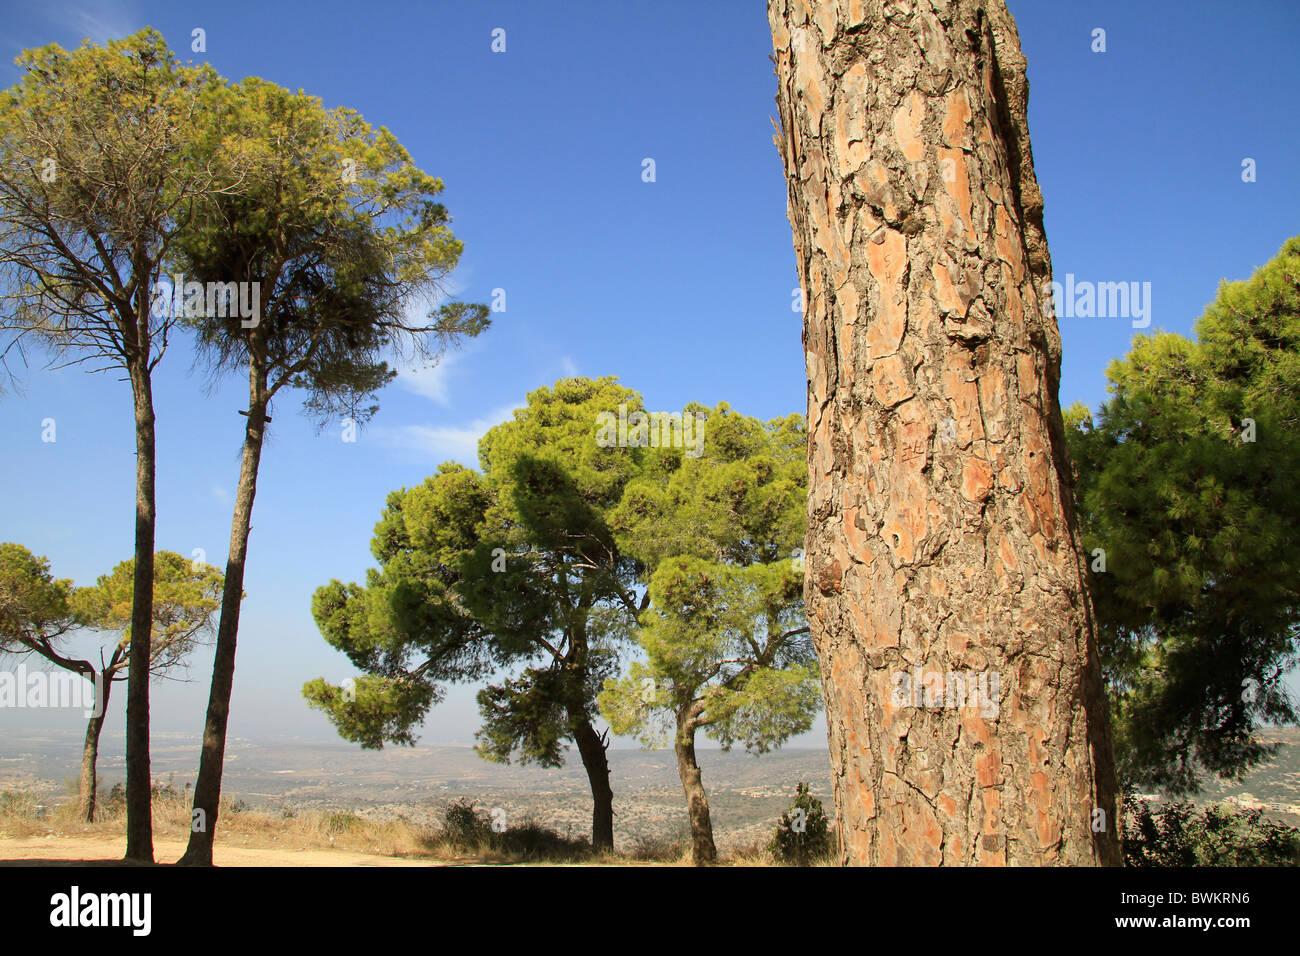 Iarael, Upper Galilee, Stone Pine (Pinus Pinea) in Yirka - Stock Image